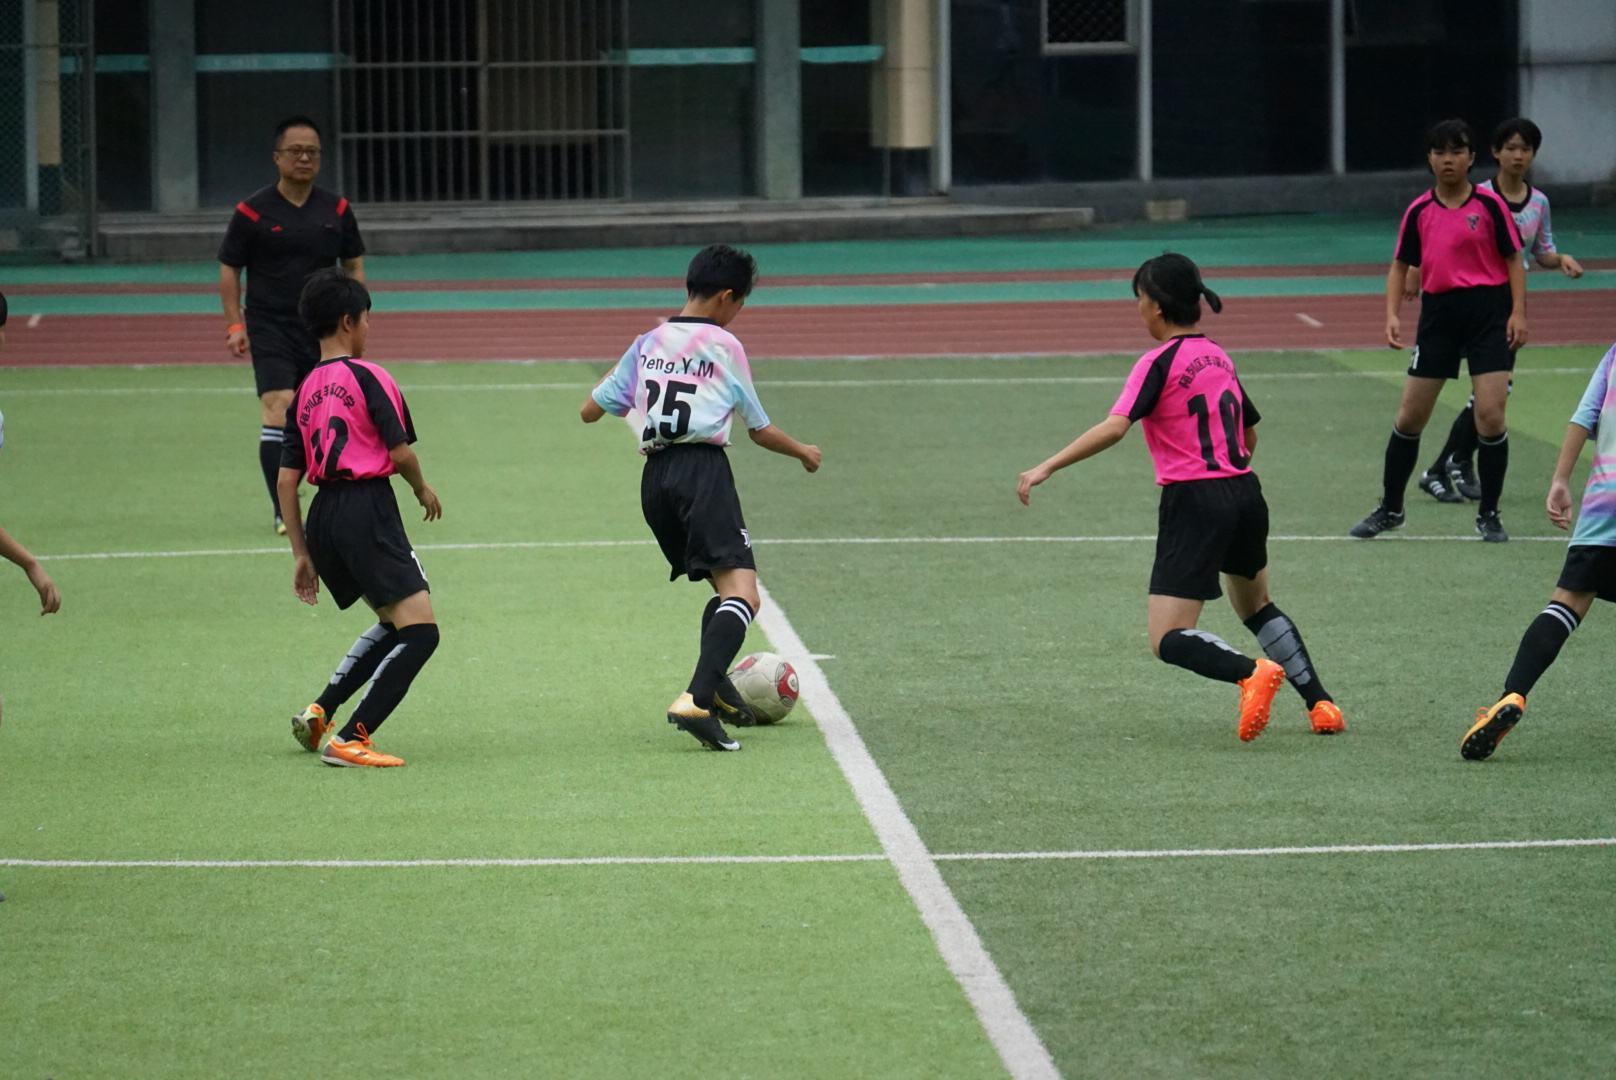 新华社调查校园足球:仍有一些地方锦标主义大行其道